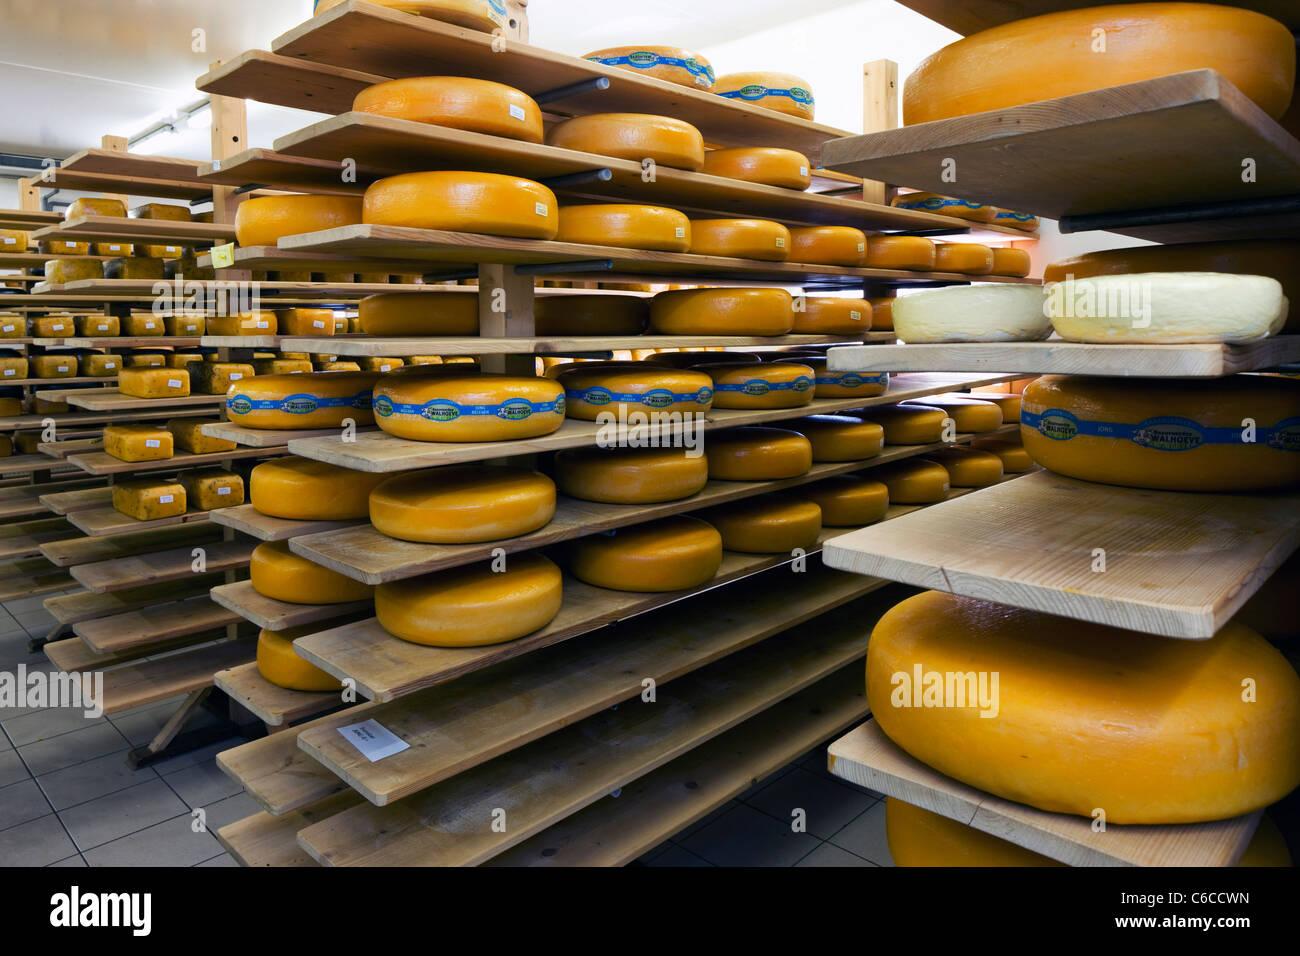 Formaggi nel caseificio camera storage dell'Beauvoordse Walhoeve, Veurne, Belgio Immagini Stock